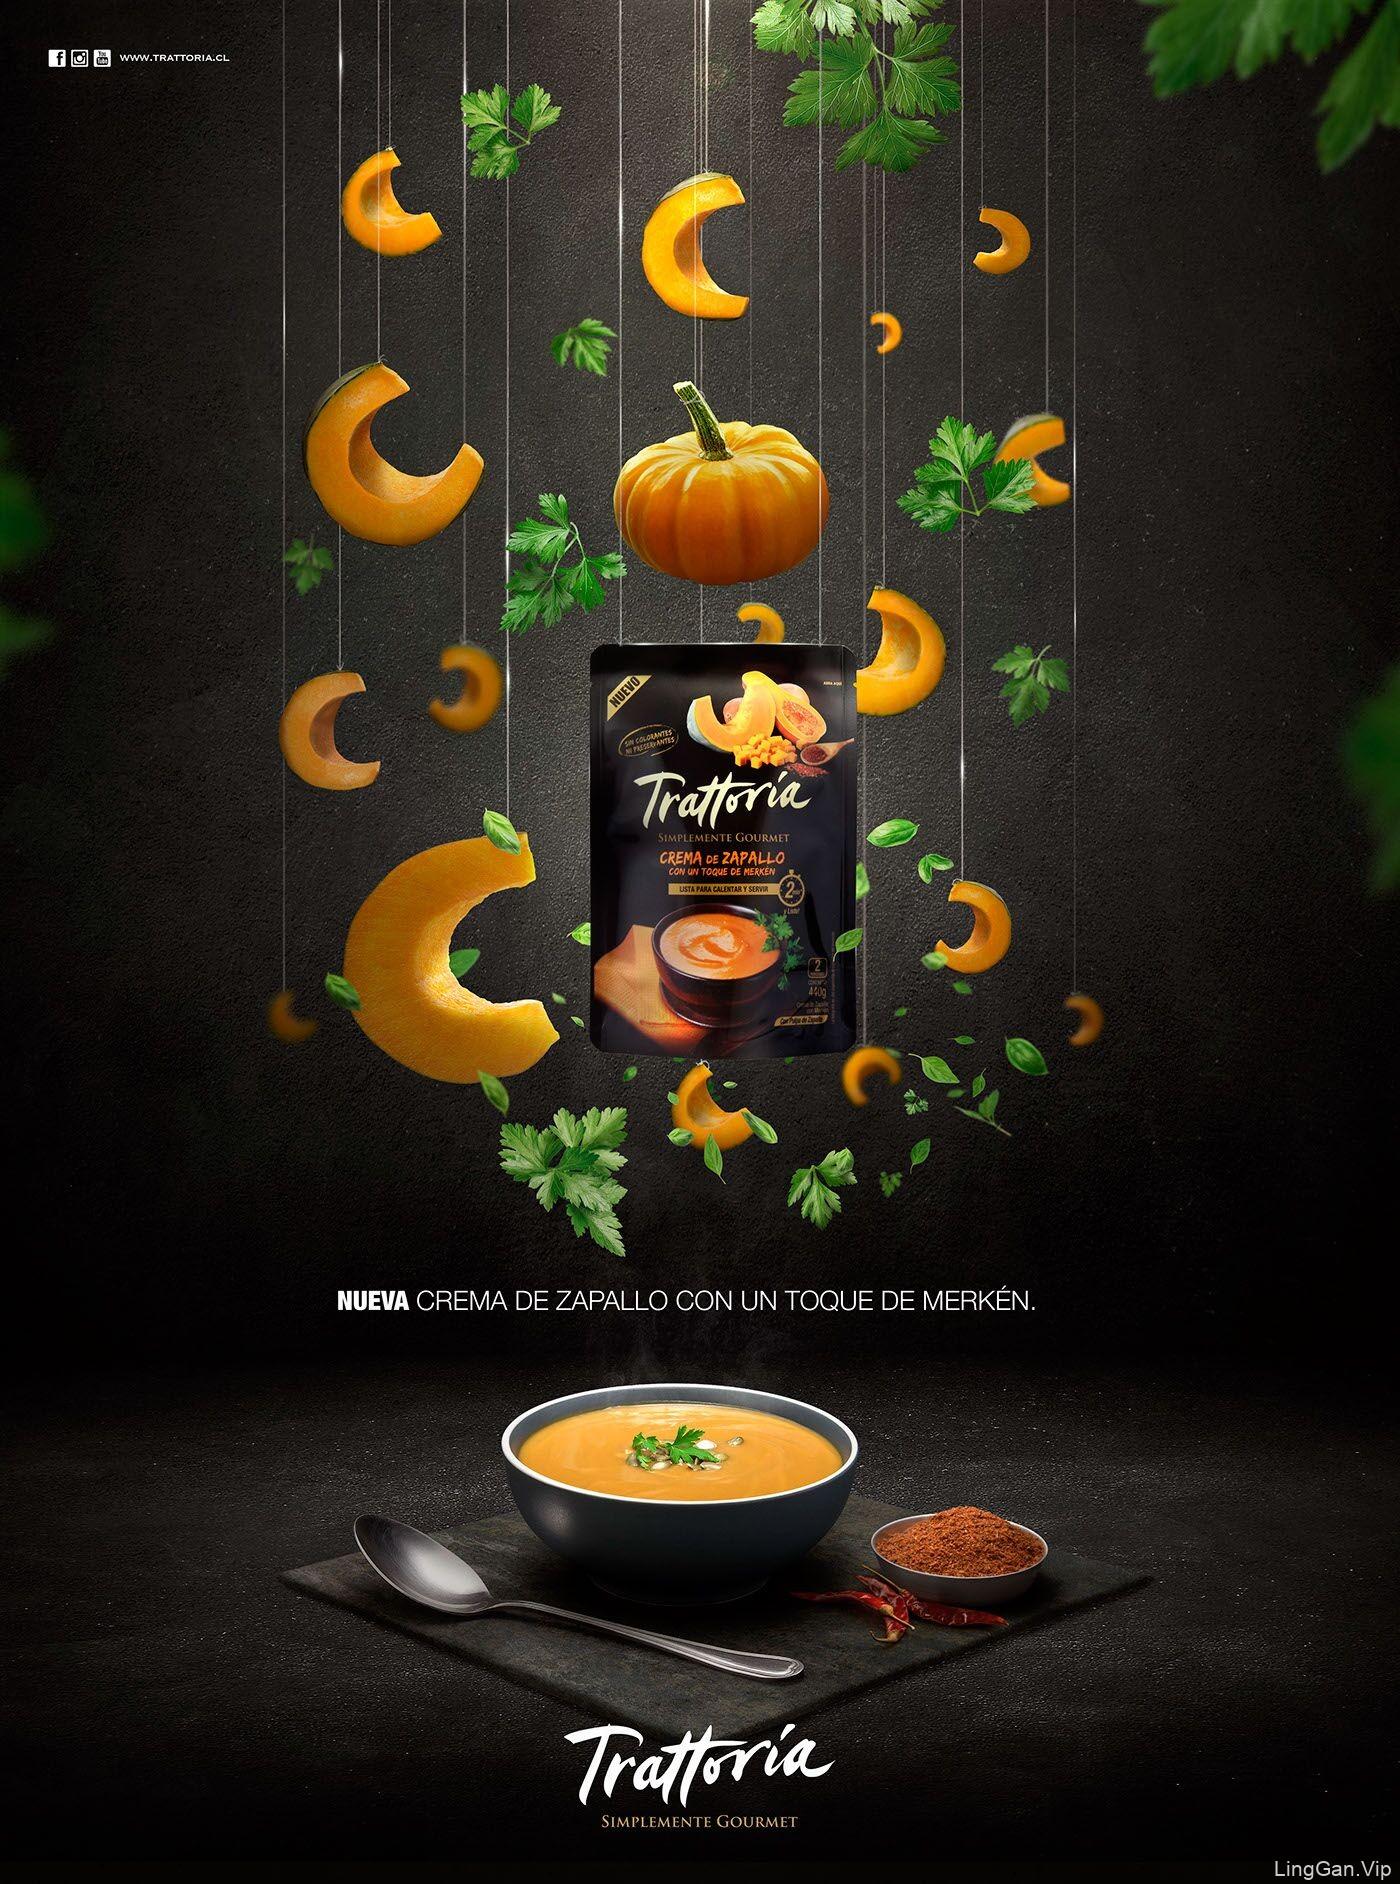 两款美食Trattoria创意设计海报-南瓜-西红柿